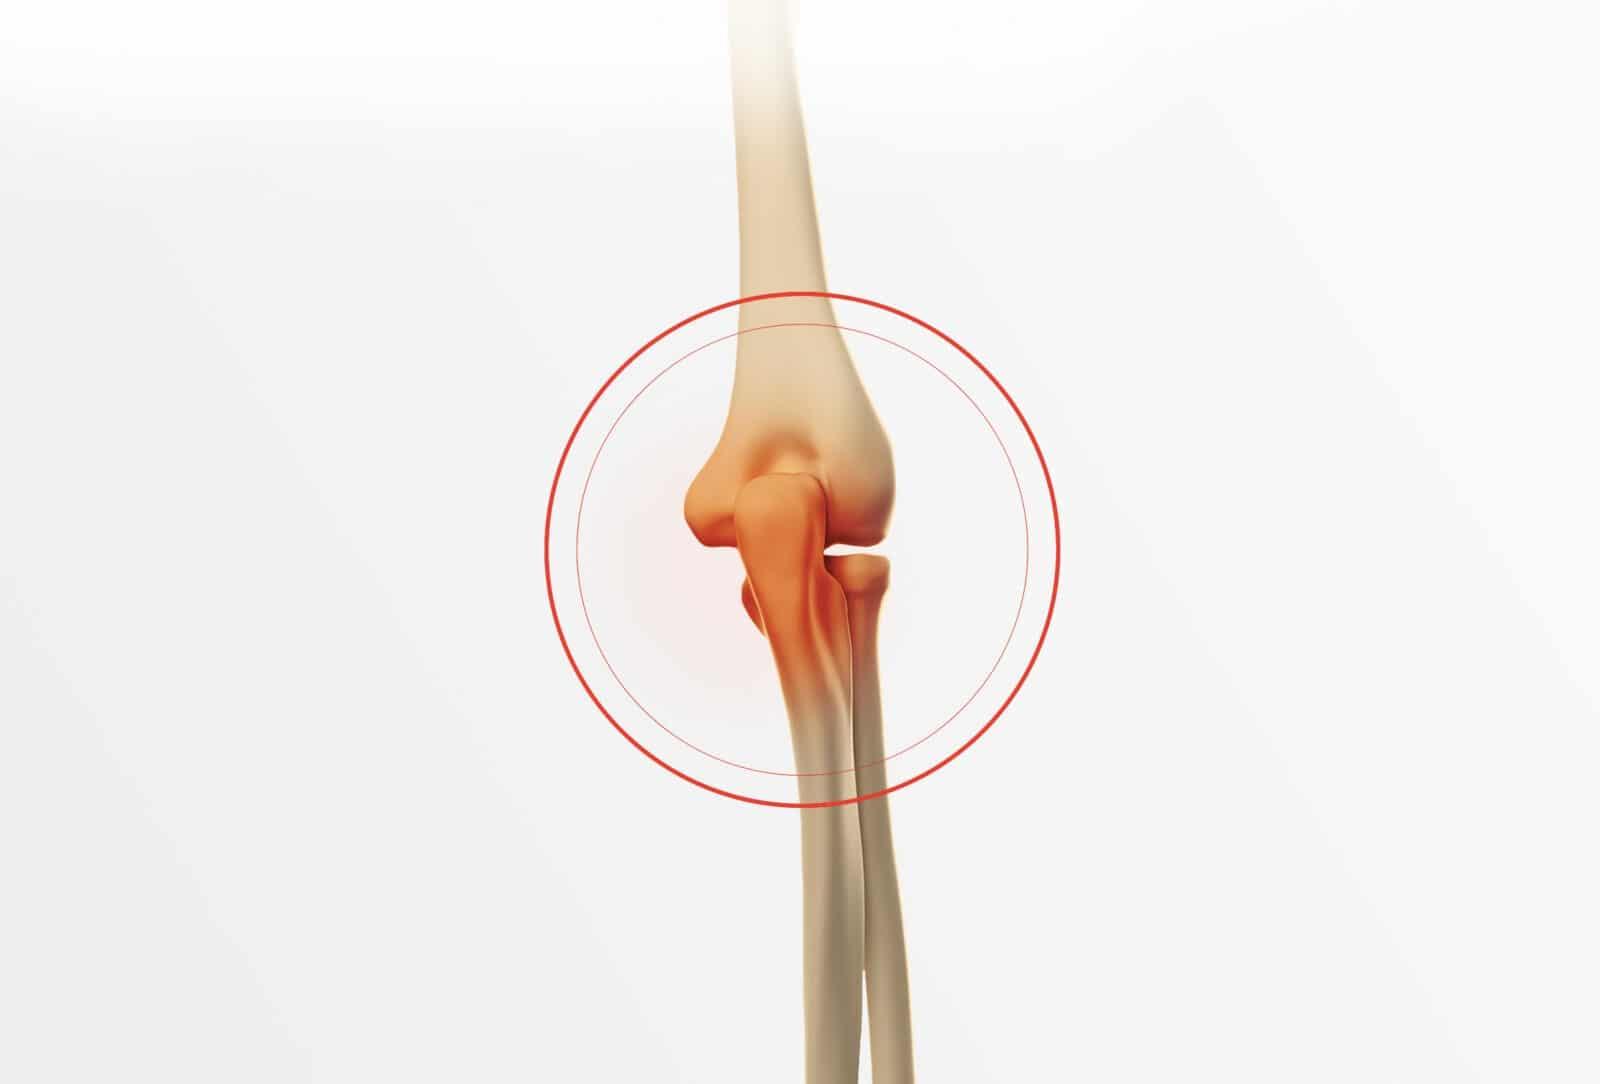 Opération du nerf ulnaire (ou nerf cubital) à Paris - Dr Paillard